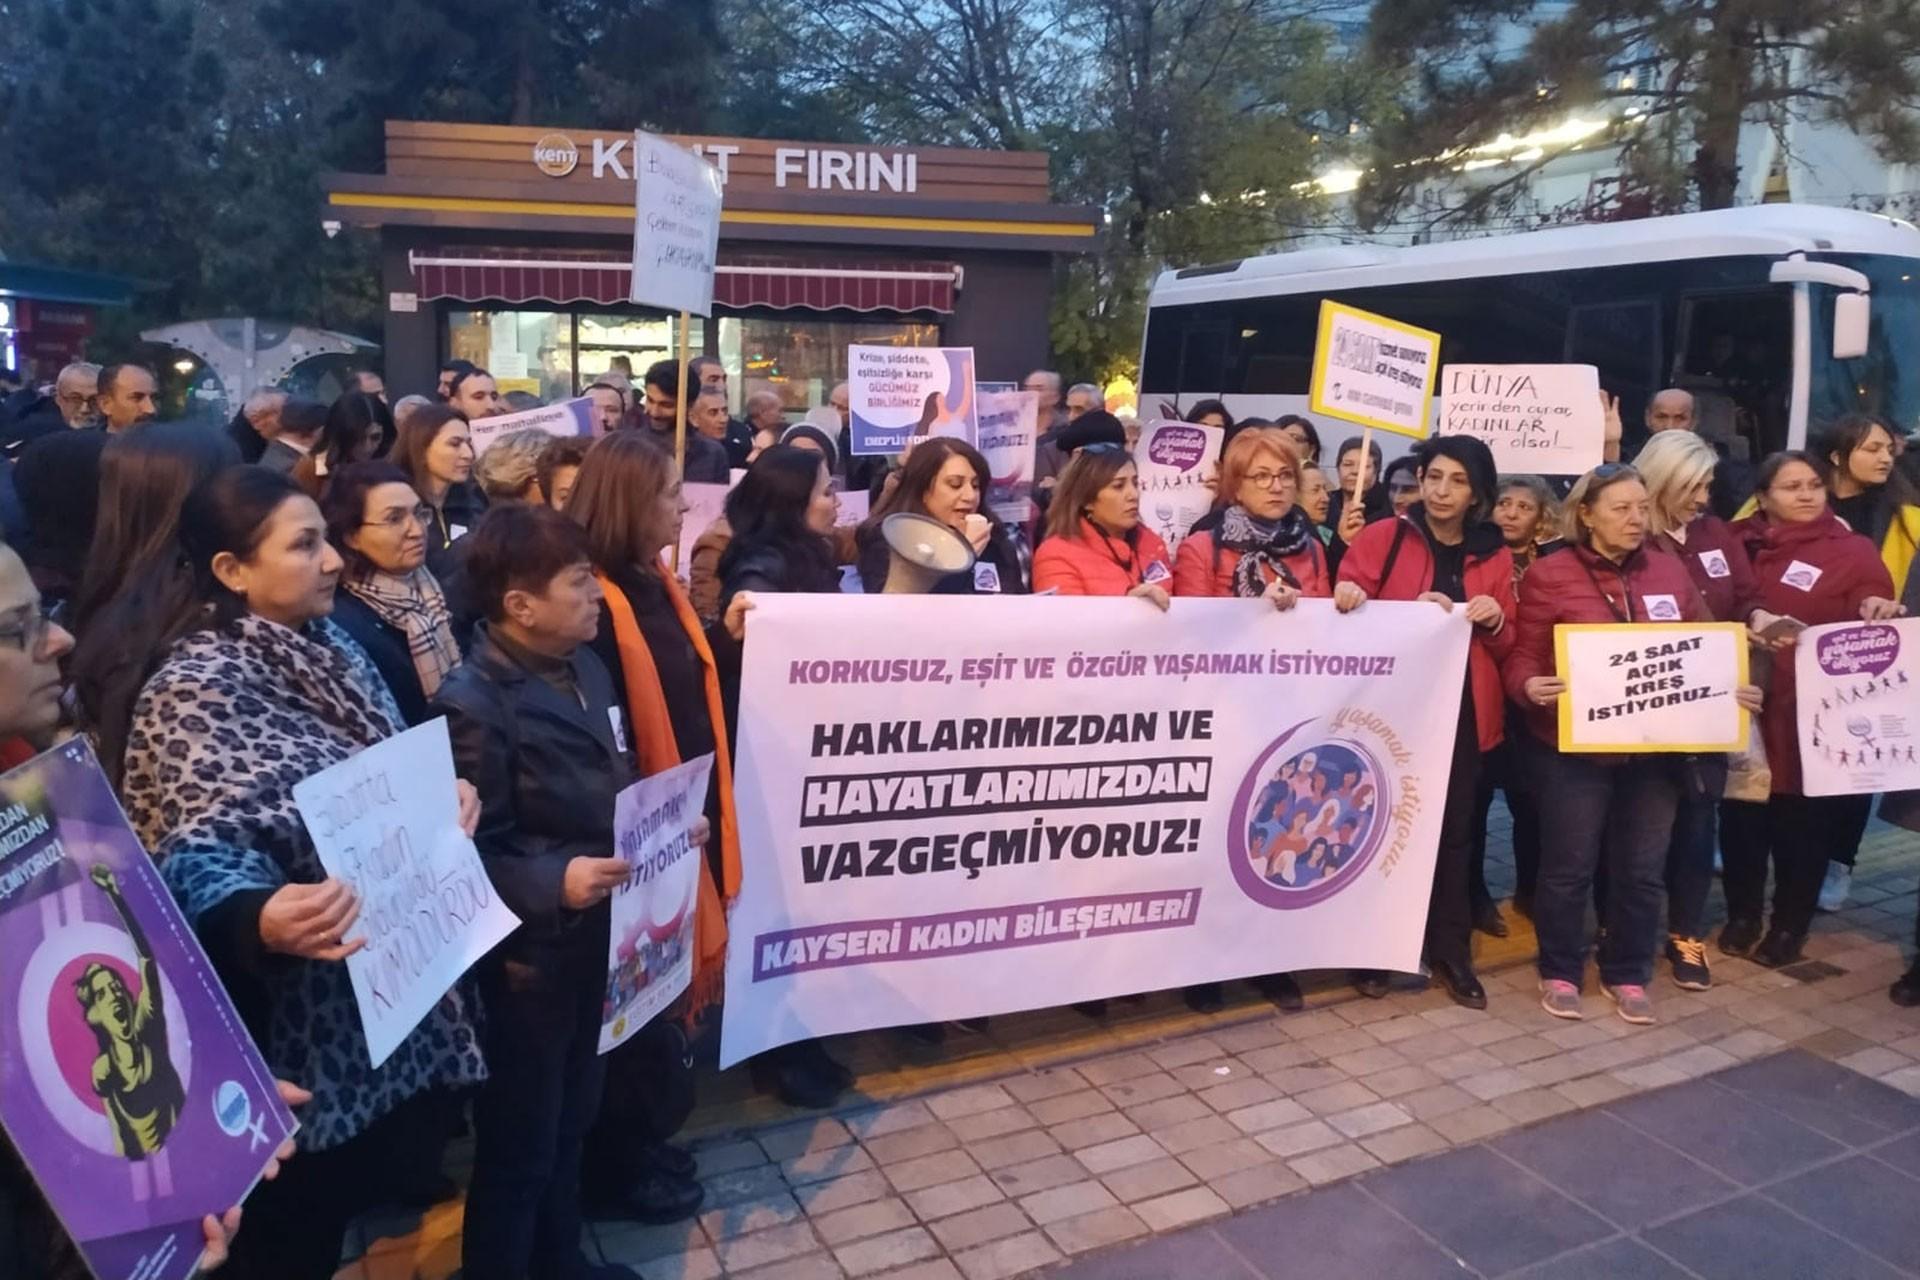 Kayseri'de 25 Kasım'da bir araya gelen kadınlar.